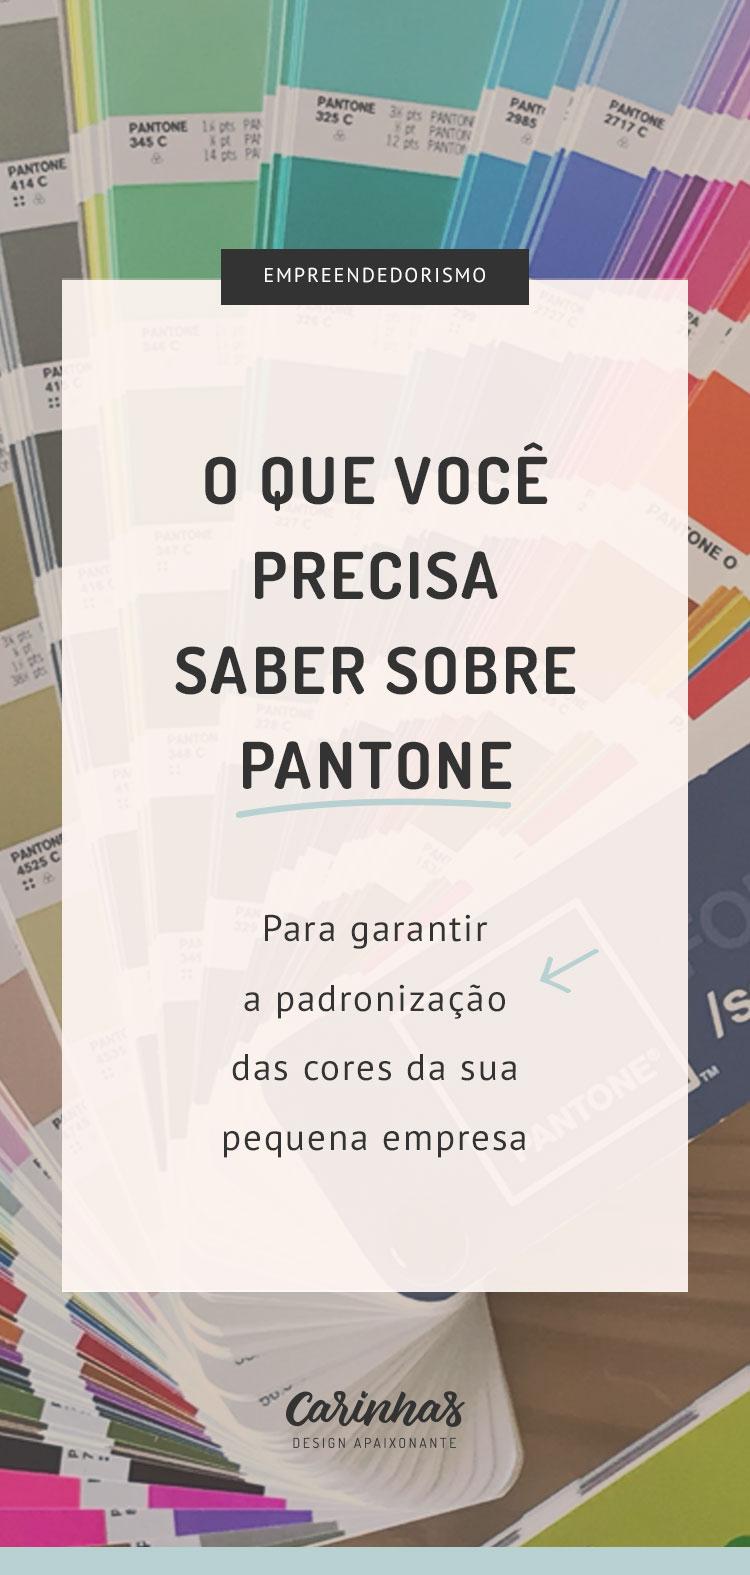 O que você precisa saber sobre Pantone para garantir a padronização das cores da sua pequena empresa